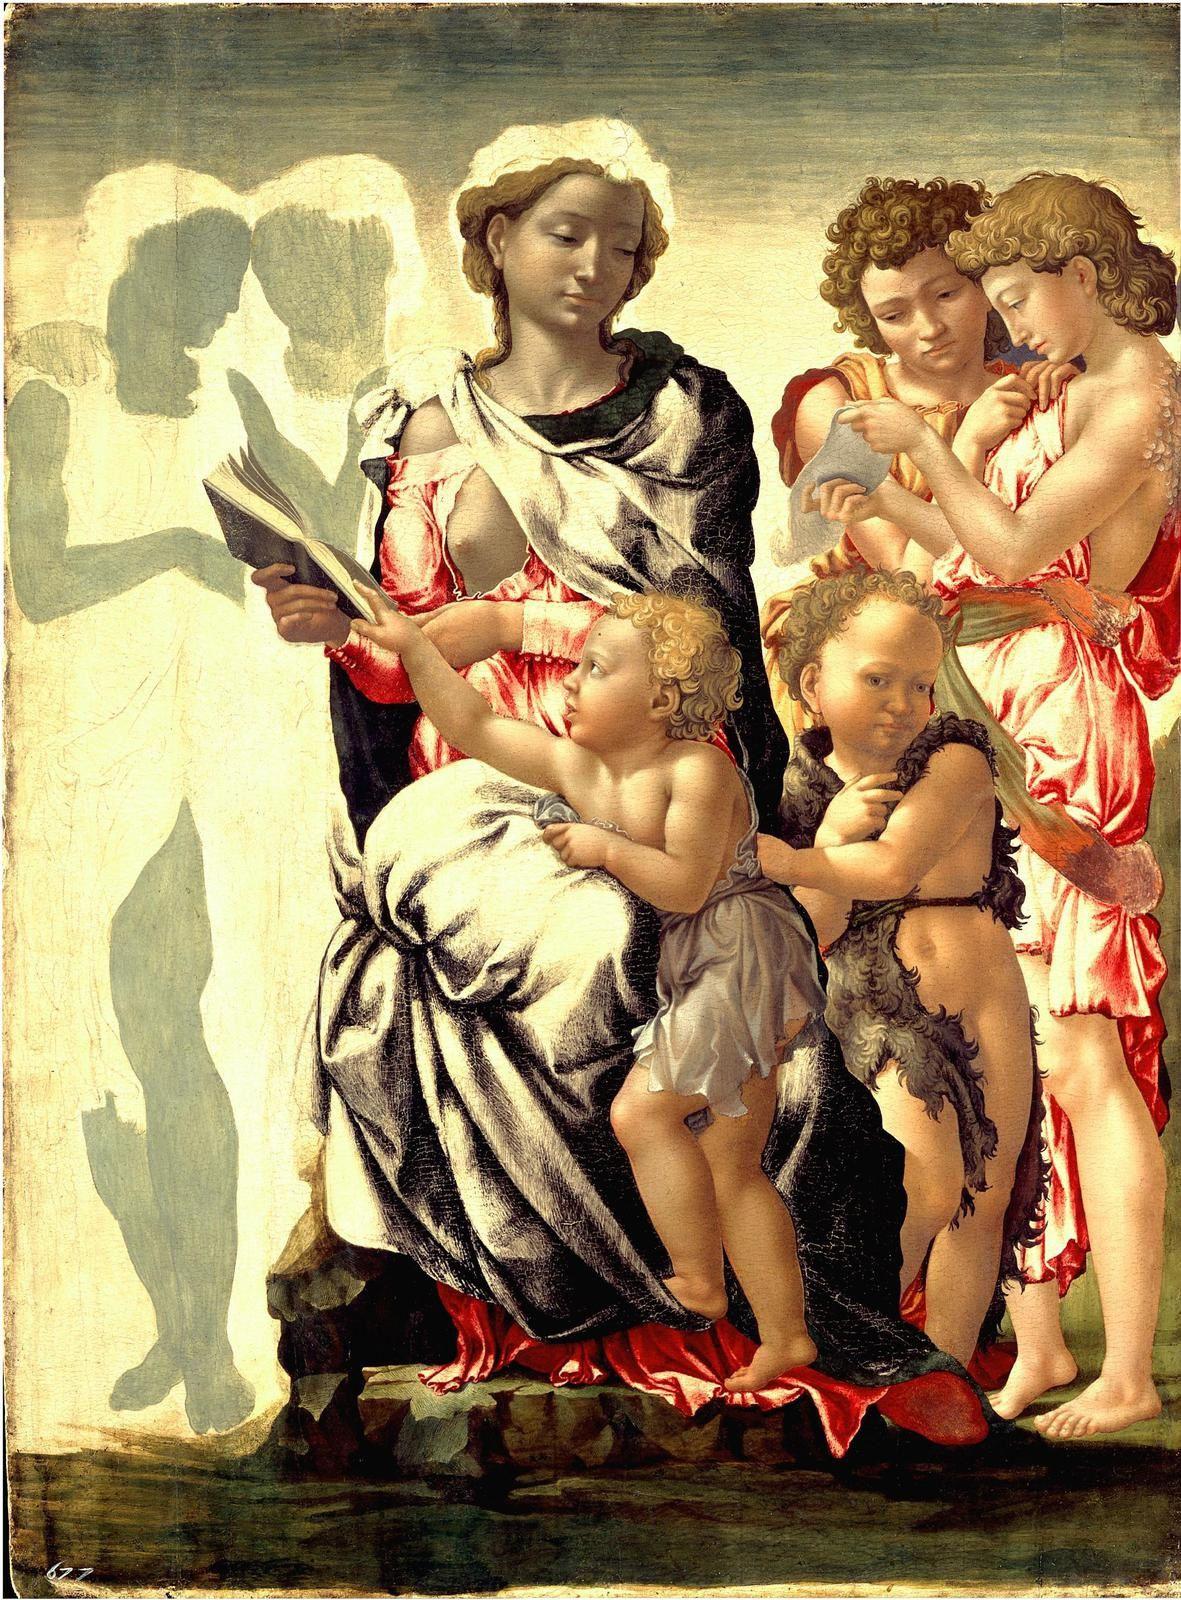 http://photocosmos.centerblog.net/94-michel-ange-1475-1564-la-demesure-dans-art?ii=1 - La madone de Manchester 1497  Tempera sur toile 105 cm × 76 cm National Gallery, Londres